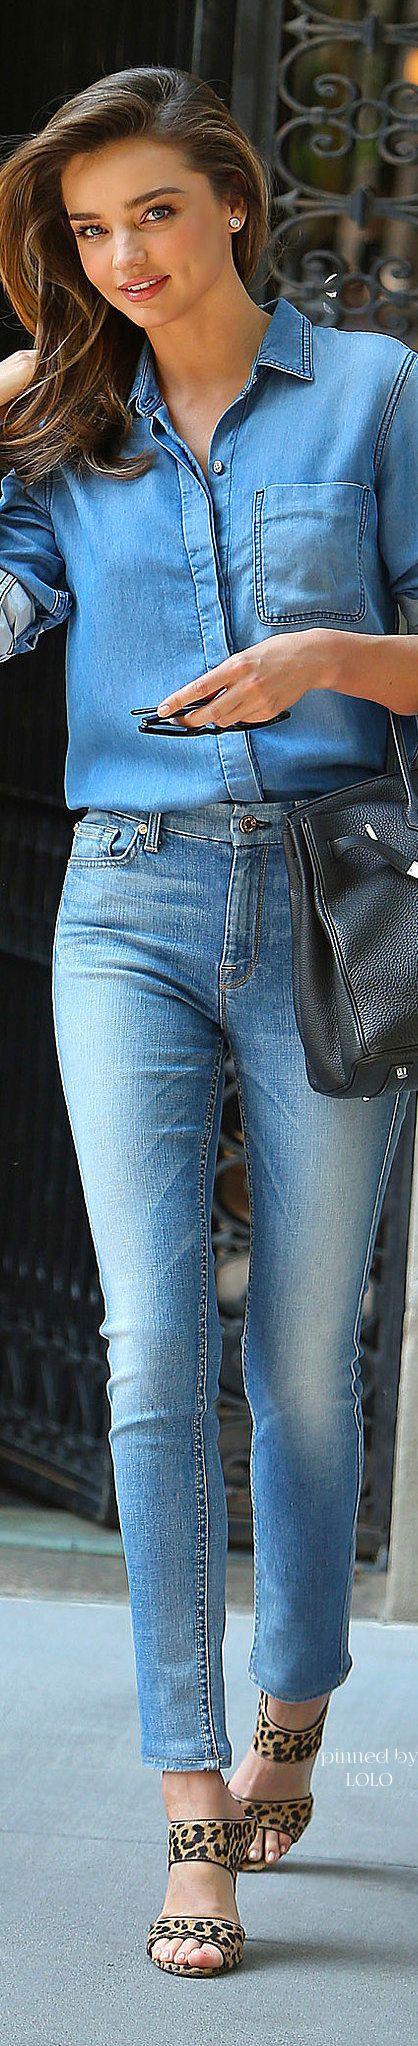 Australian model Miranda Kerr in a Jeans ensemble - so sophisticated yet casual